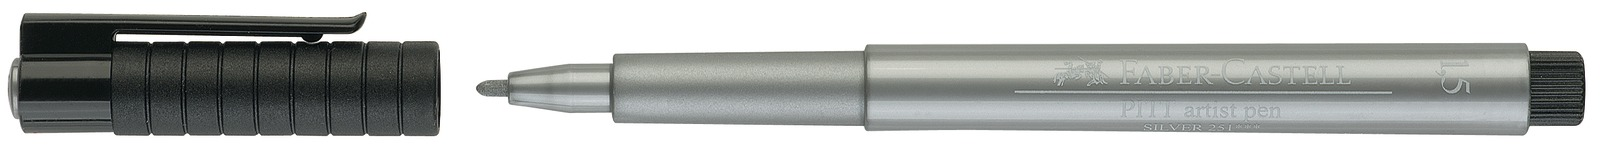 Faber-Castell: Pitt Artist Pens - Metallic Silver image